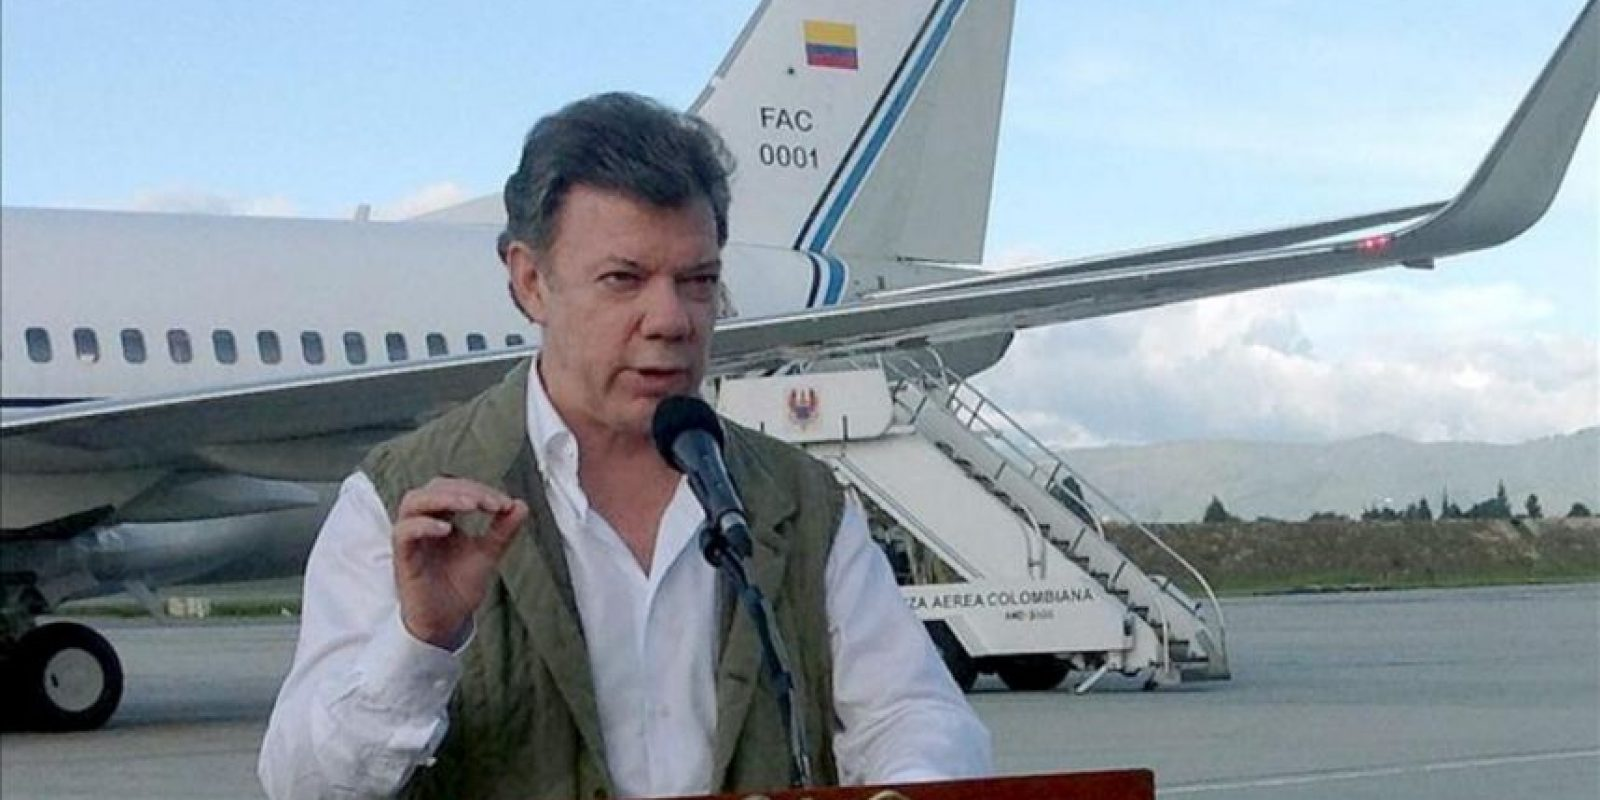 Fotografía cedida por la Presidencia de Colombia del mandatario Juan Manuel Santos el 23 de agosto de 2013, en Bogotá (Colombia). EFE